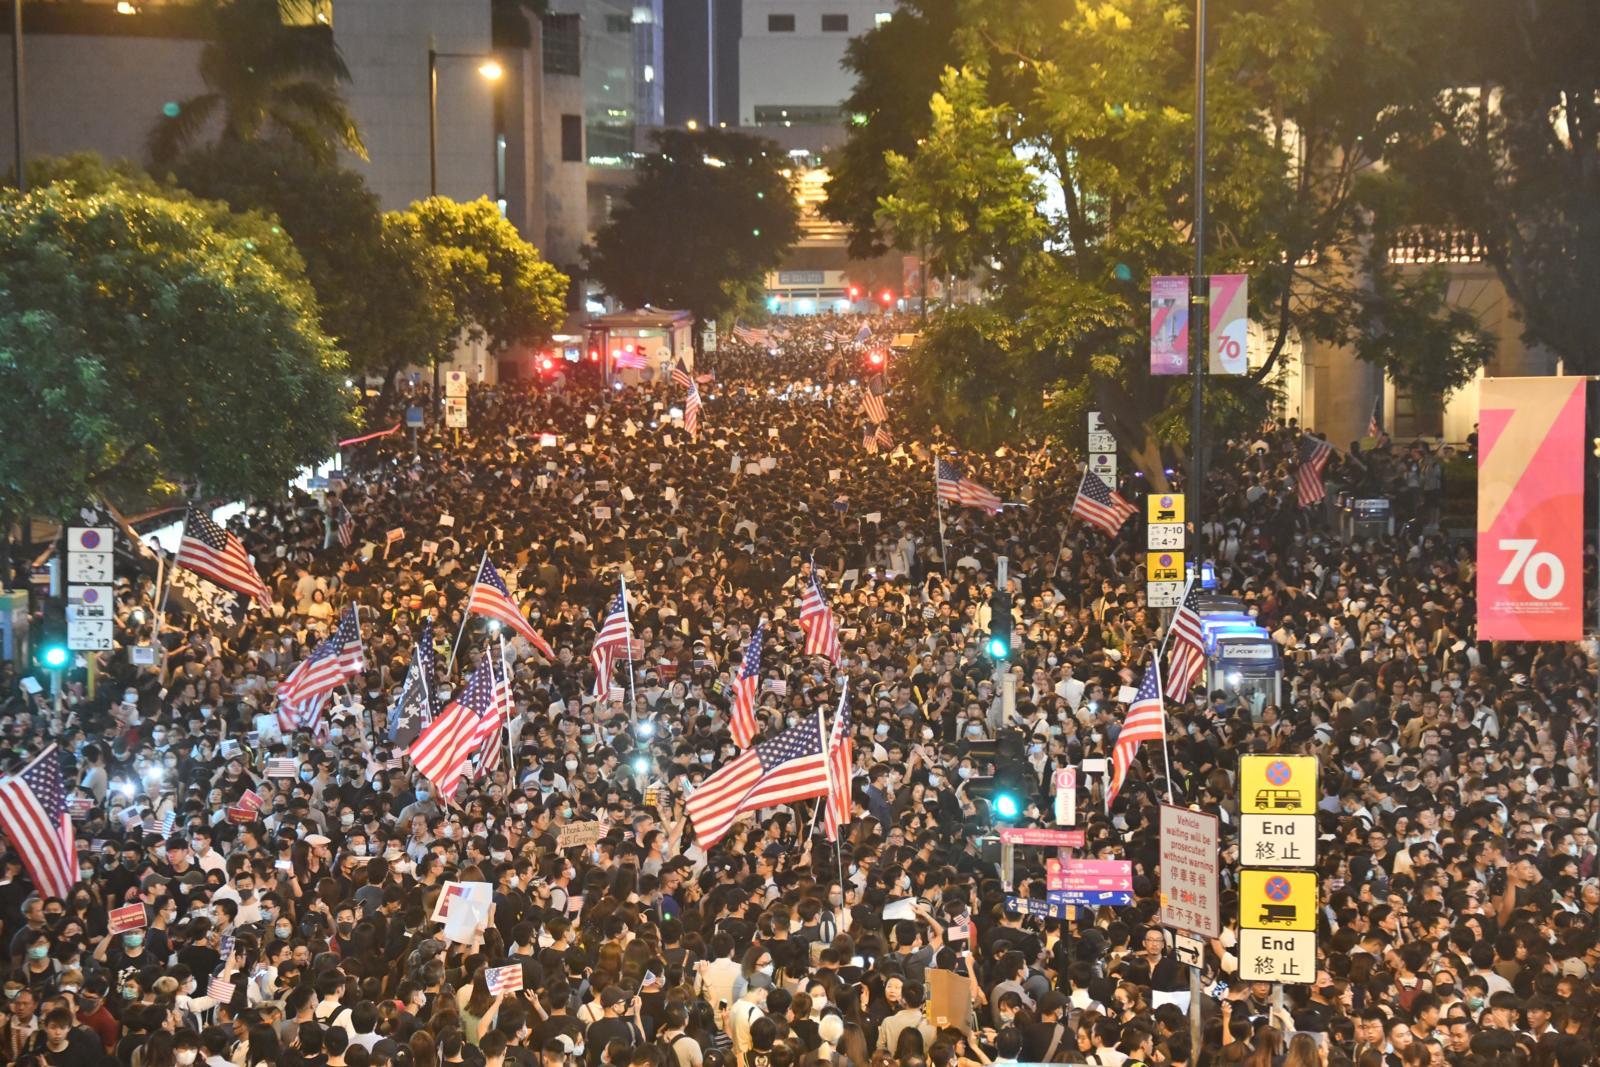 新版本香港法案制裁較最初版本更嚴厲。資料圖片